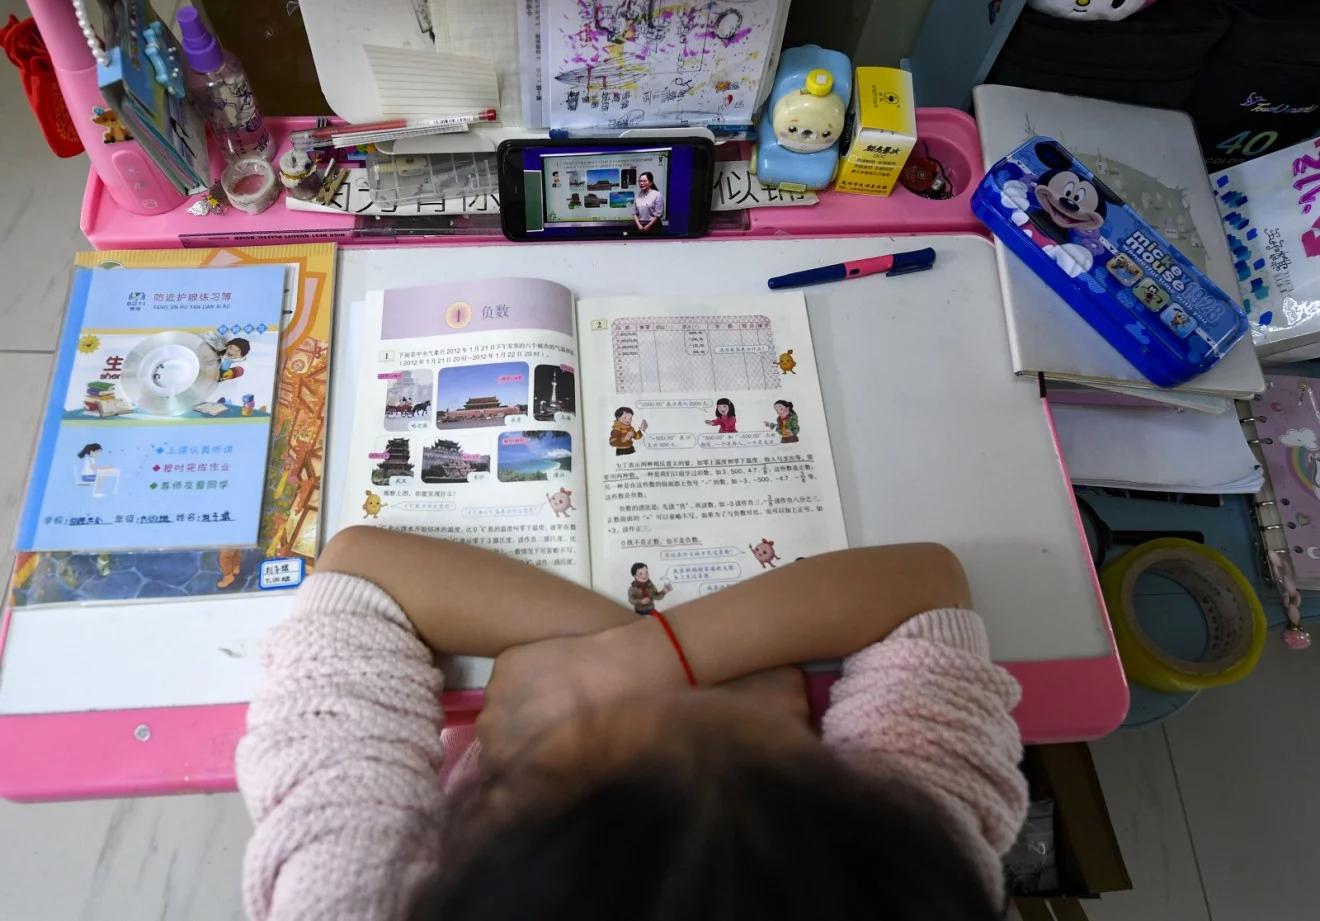 Muôn màu chuyện học online ở Trung Quốc: Mang bàn ra ban công bắt Wi-Fi hàng xóm, cầm điện thoại lên nóc nhà làm bài thi - Ảnh 1.